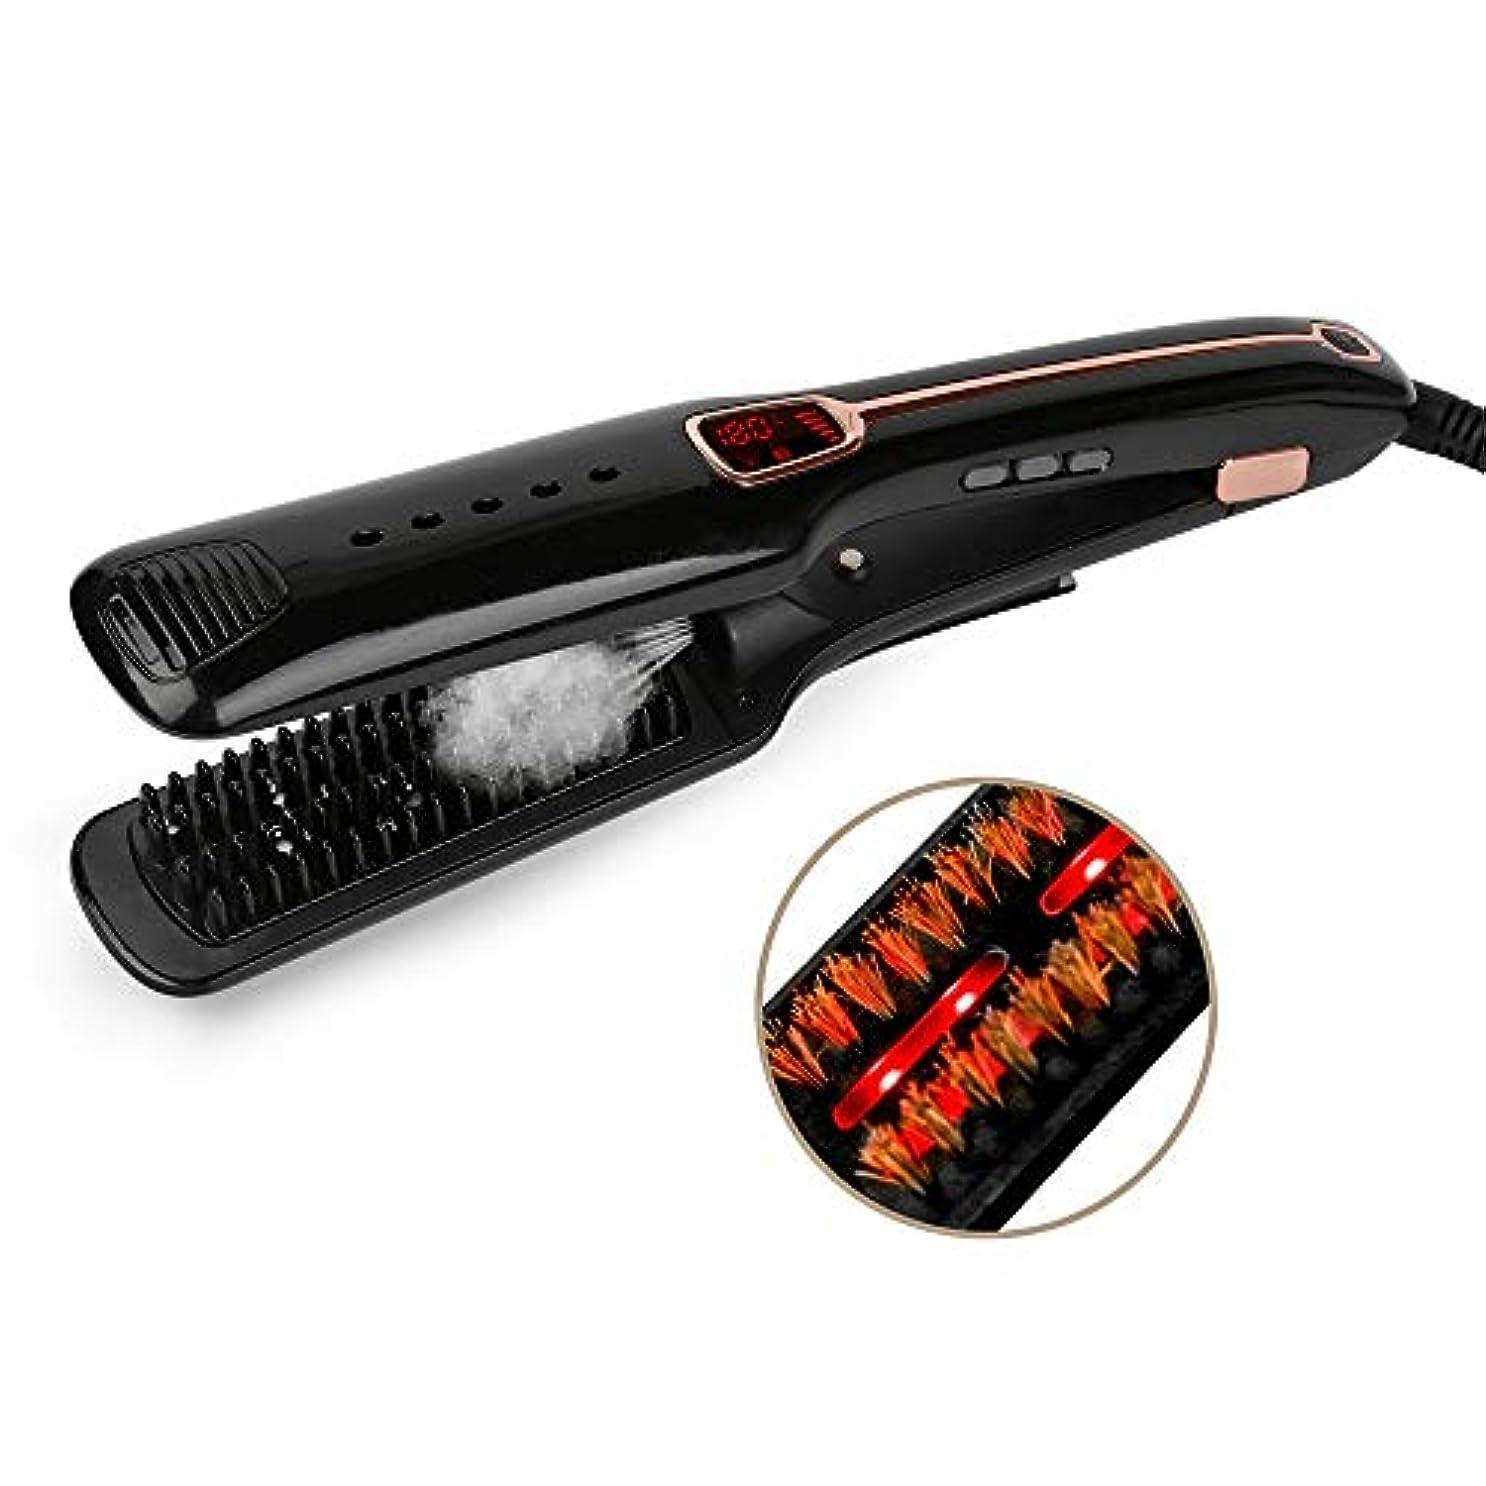 タイルブルゴーニュソブリケット多機能の蒸気赤外線陰イオンのストレートヘアコーム、1ストレートヘアアイロンに付き3 モデリングツール (色 : 黒)